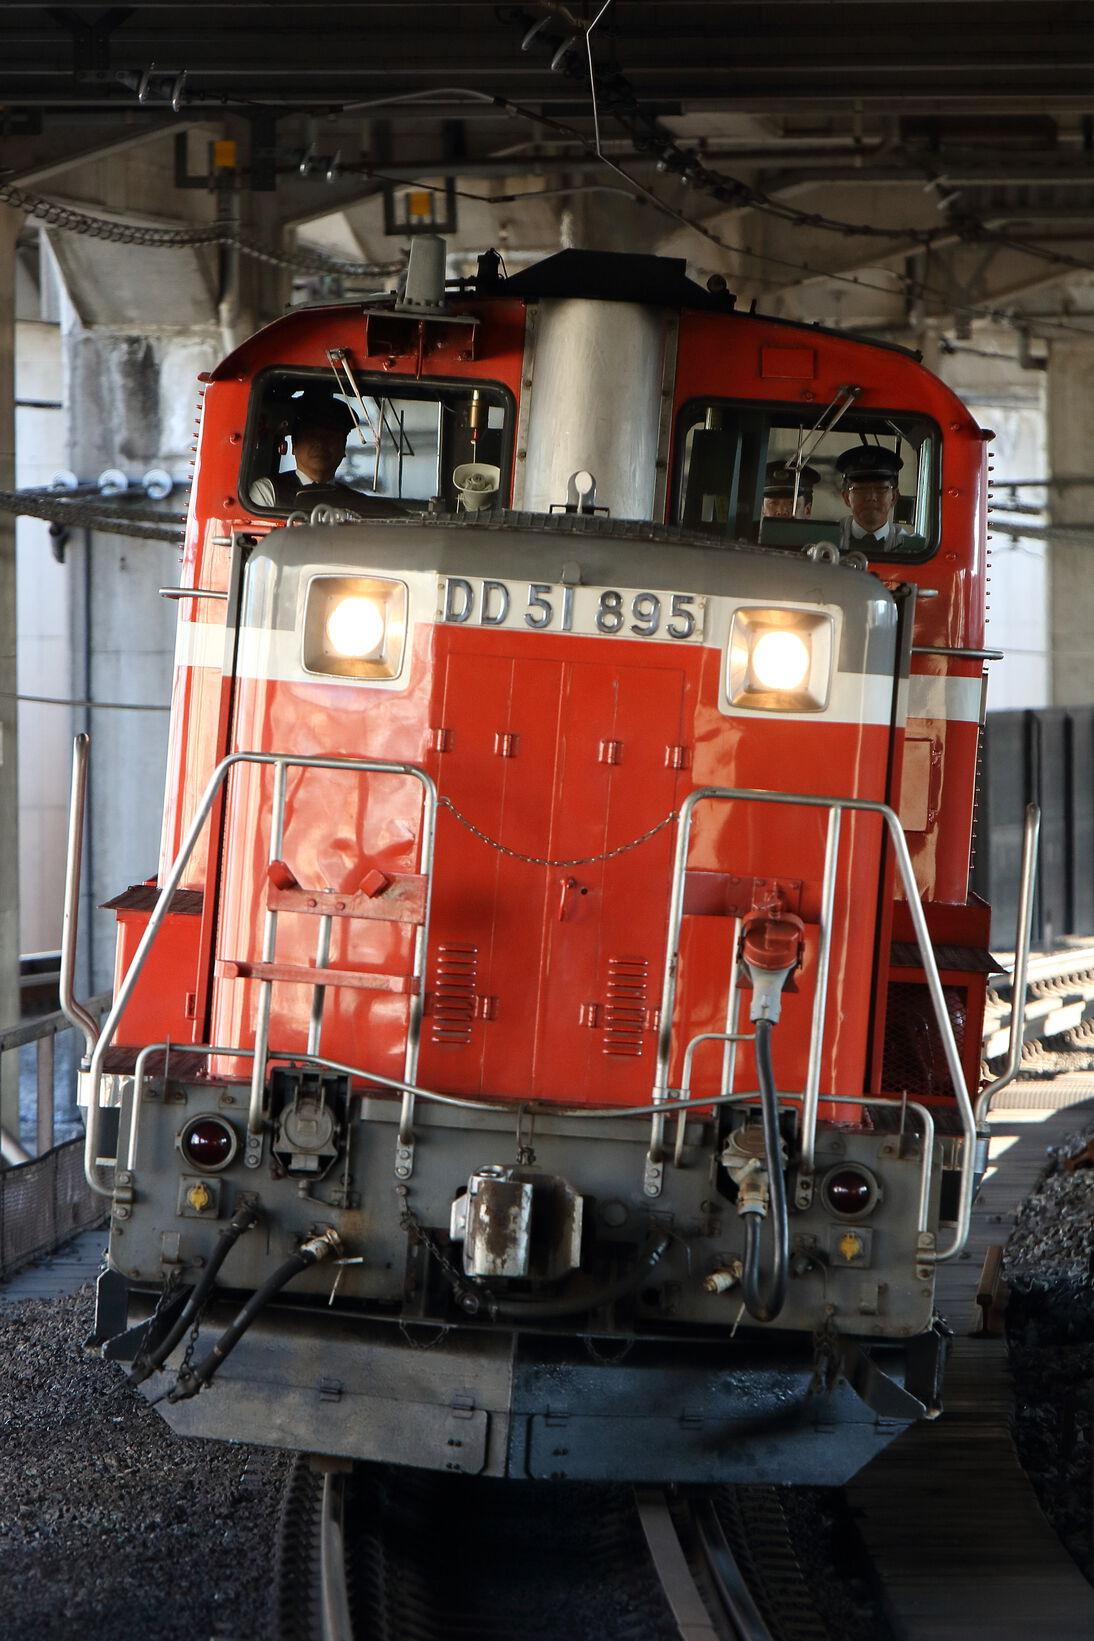 単9823列車 高崎運輸区ハンドル訓練 DD51-895[高]